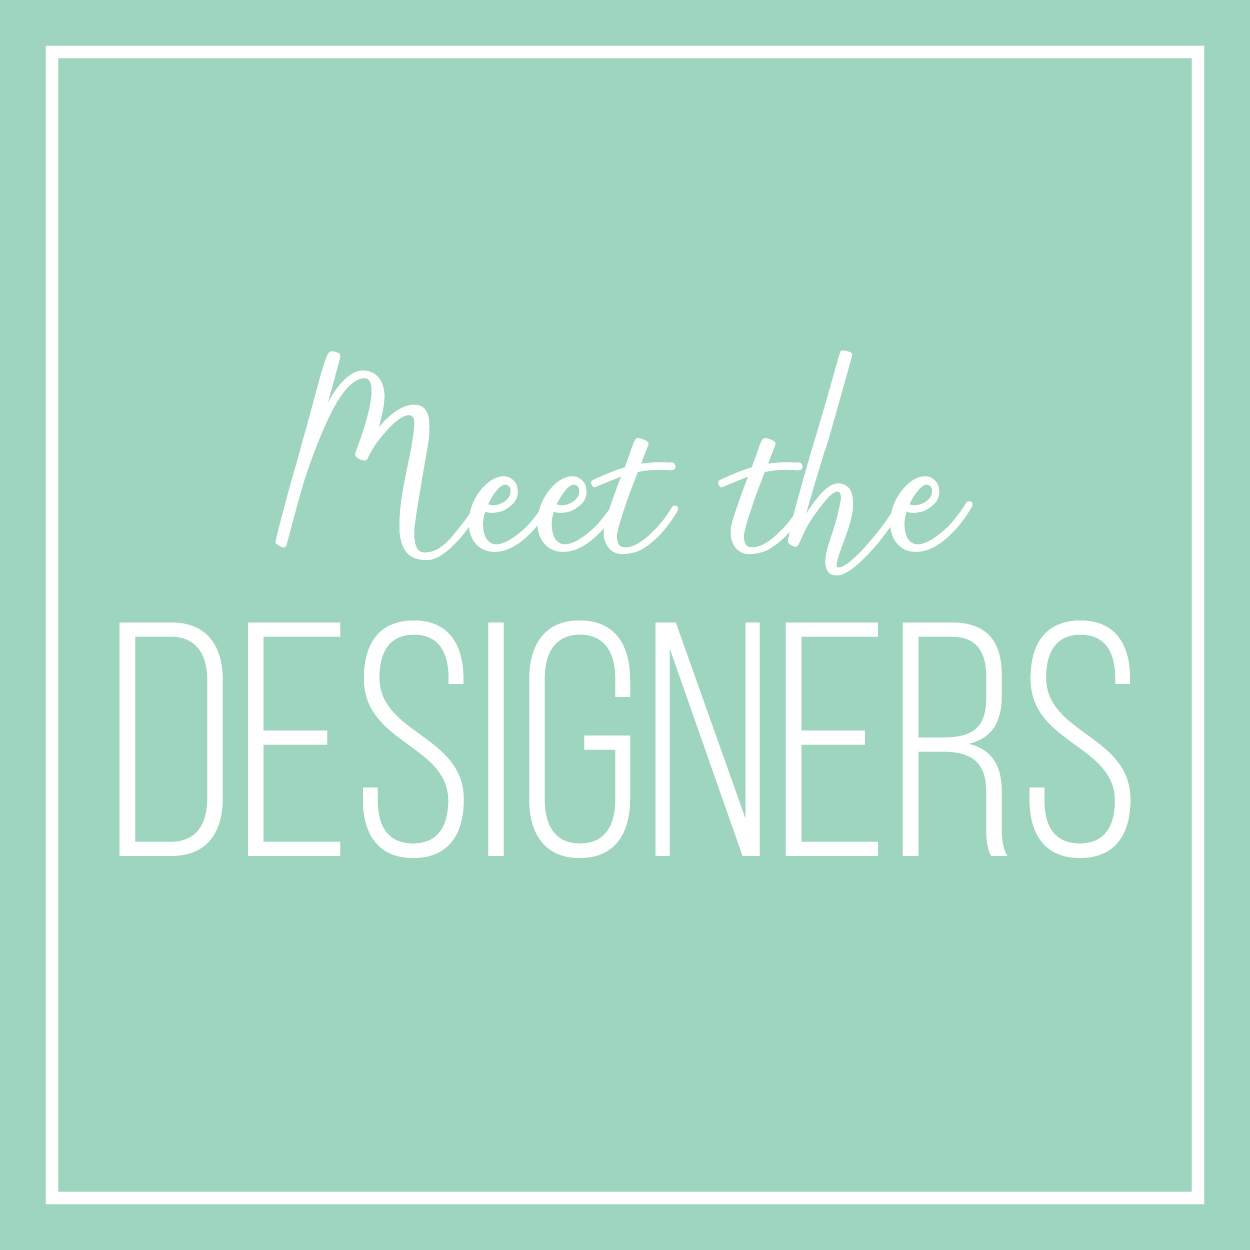 designers-01